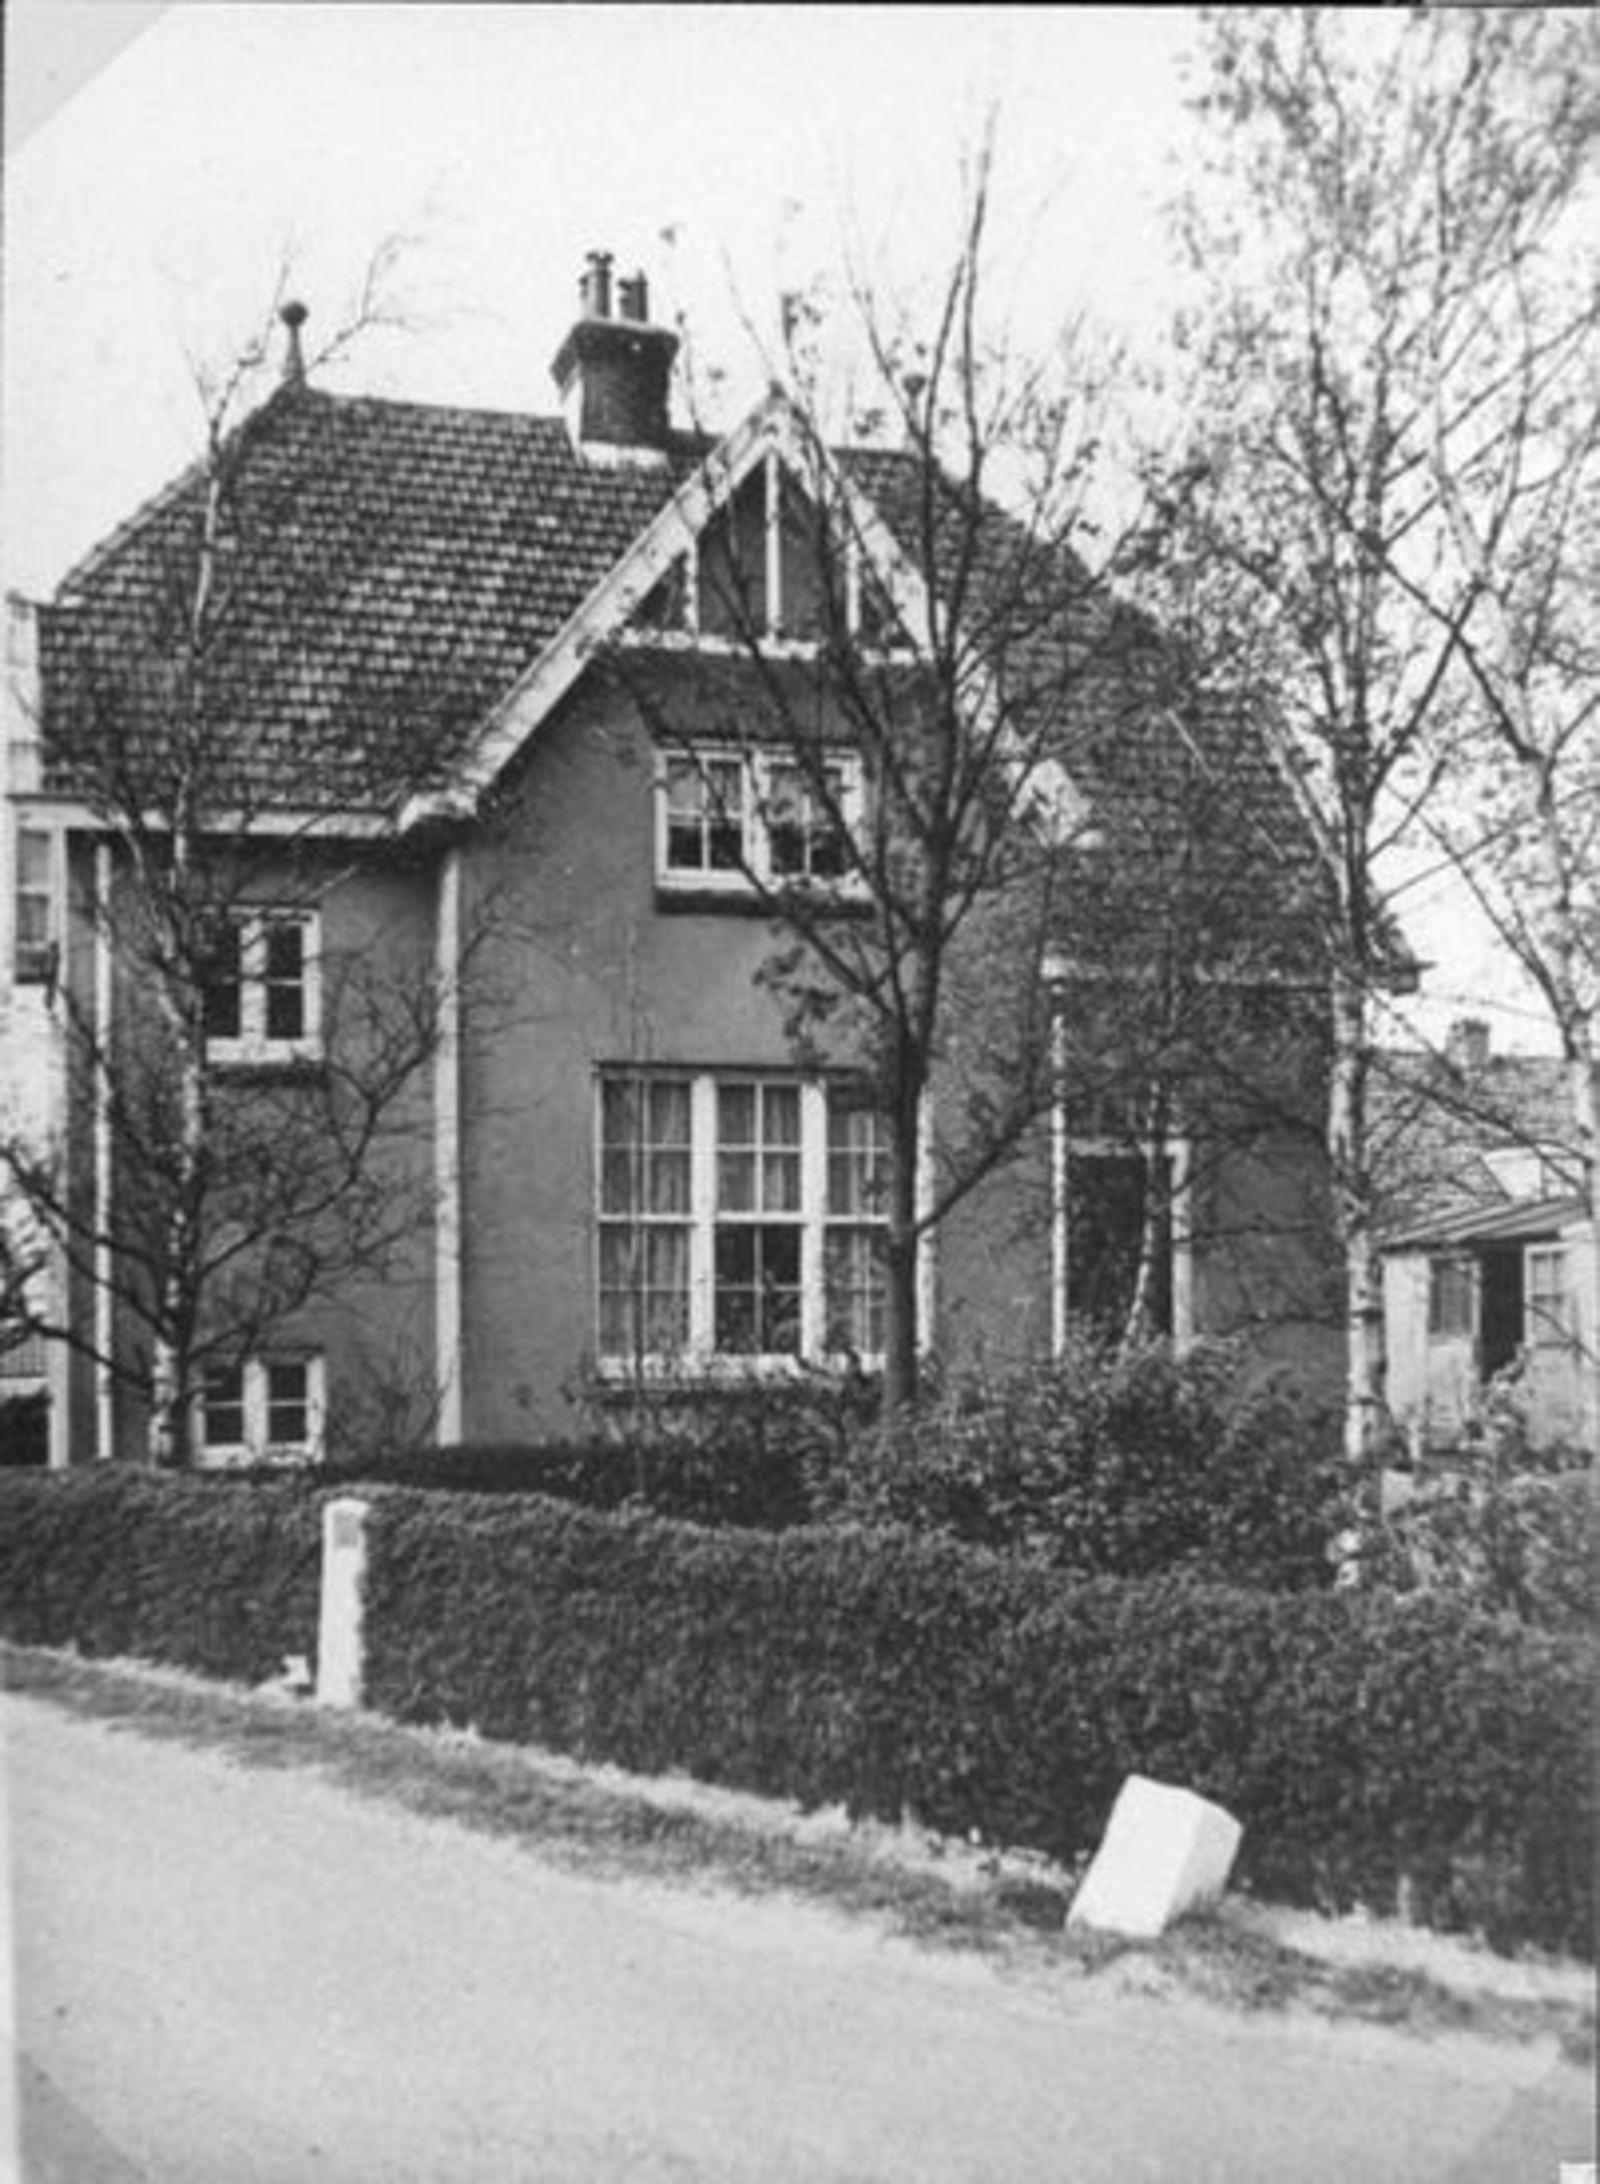 Kruisweg N 1145 19__ Spoorhuis 04